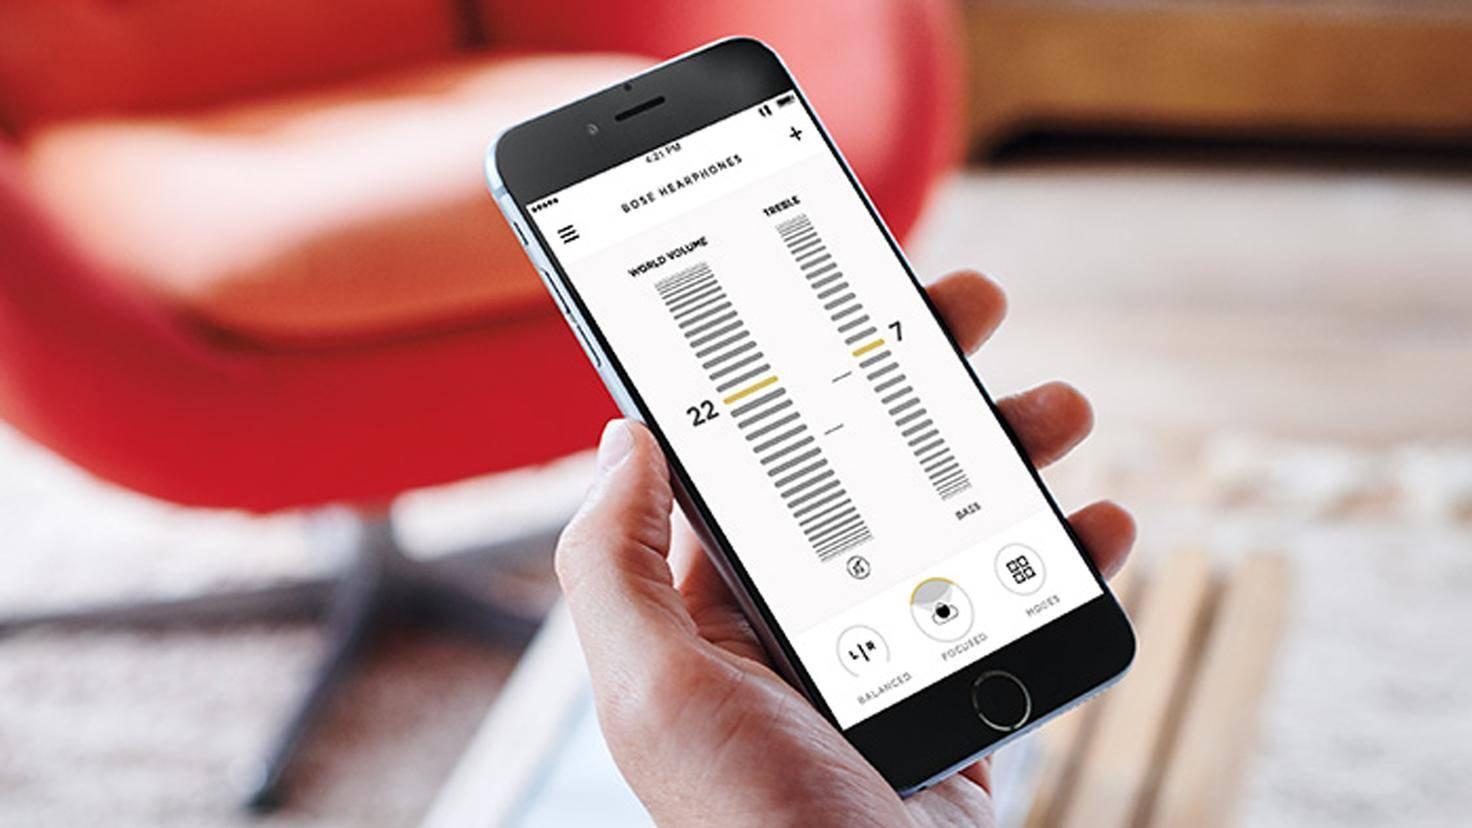 Mit der App lassen sich bestimmte Voreinstellungen speichern.